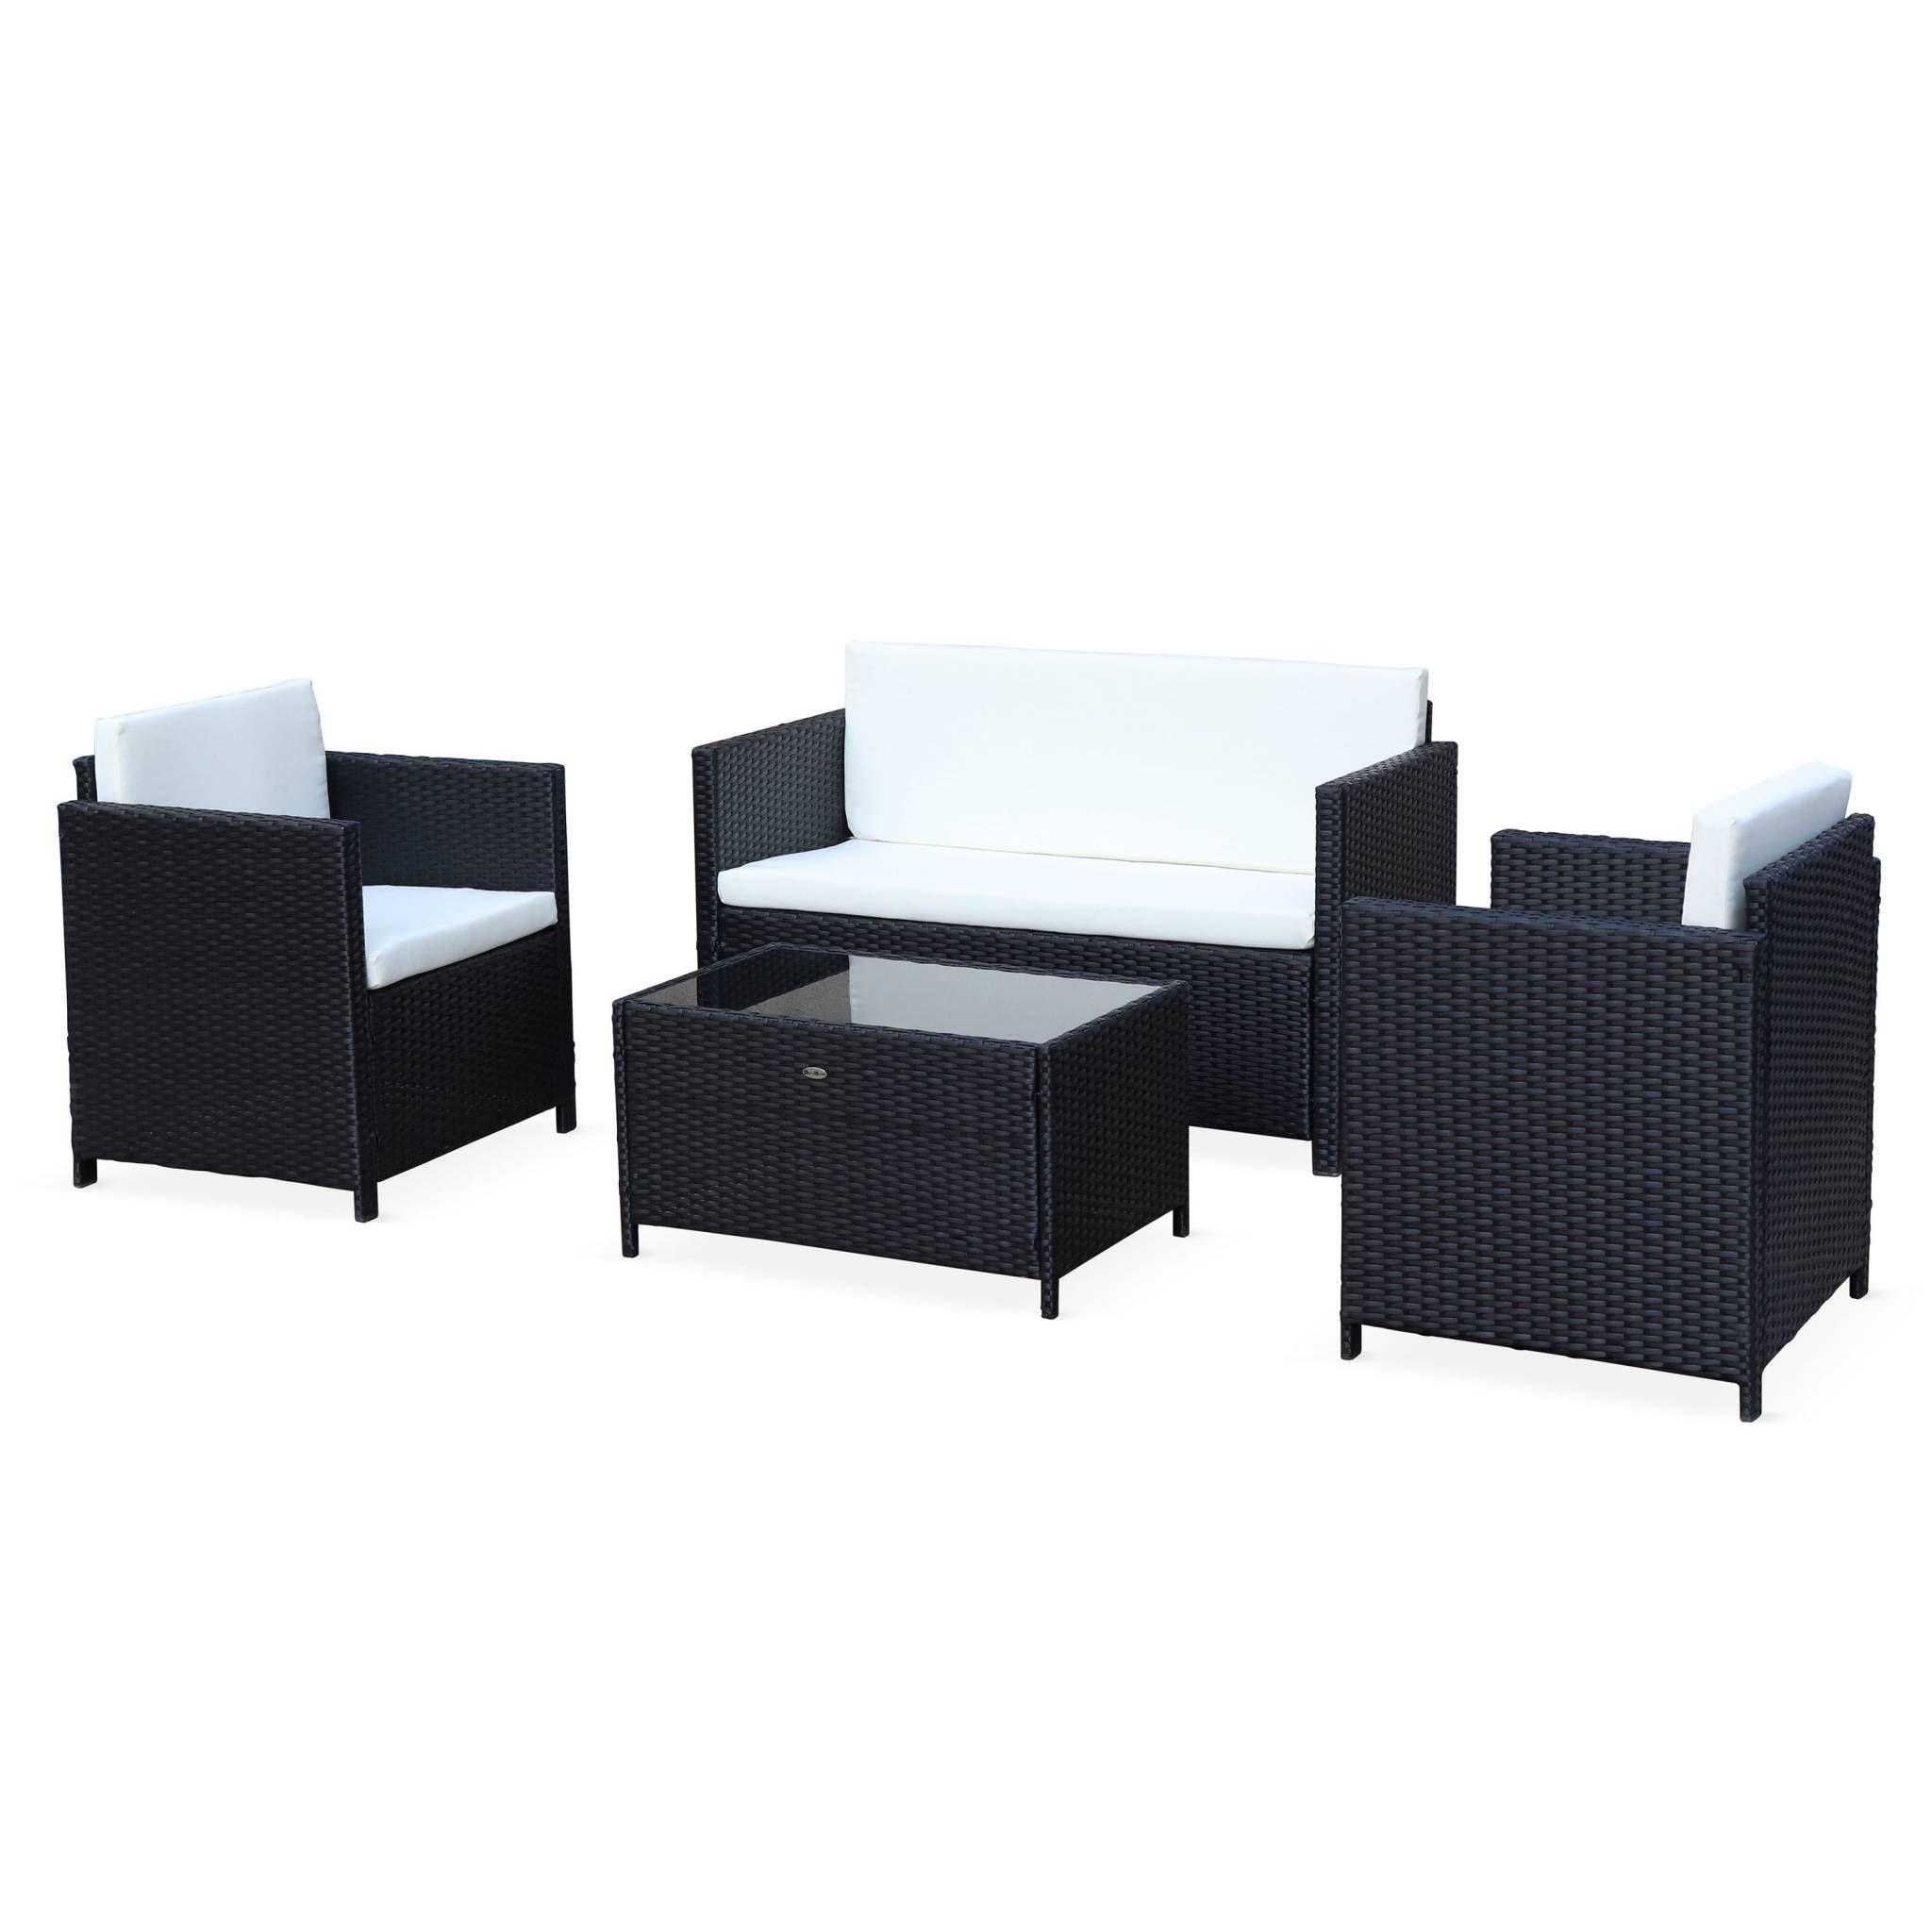 Salon de jardin en résine tressée - Perugia - noir, Coussins écrus - 4 places - 1 canapé, 2 fauteuils, une table basse